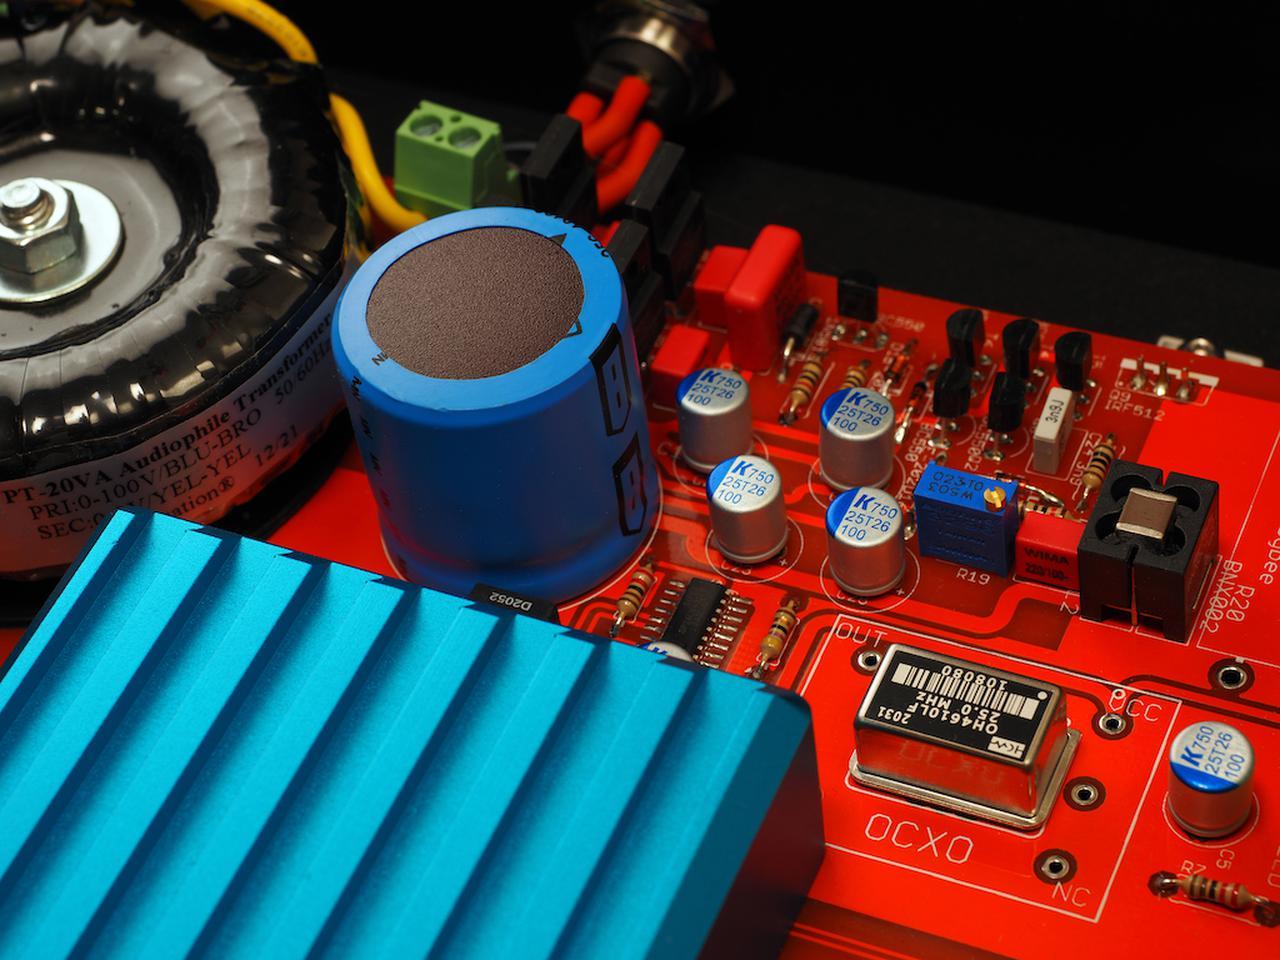 画像: 右下の四角いケースがOCXOクロック。恒温槽(オーブン)に水晶発振器を封入し、温度管理を厳密に行なうことで低ジッター化を図る、本機の心臓部ともいえる回路だ。左側には、トロイダルトランスや巨大な電解コンデンサーなどが配置されている